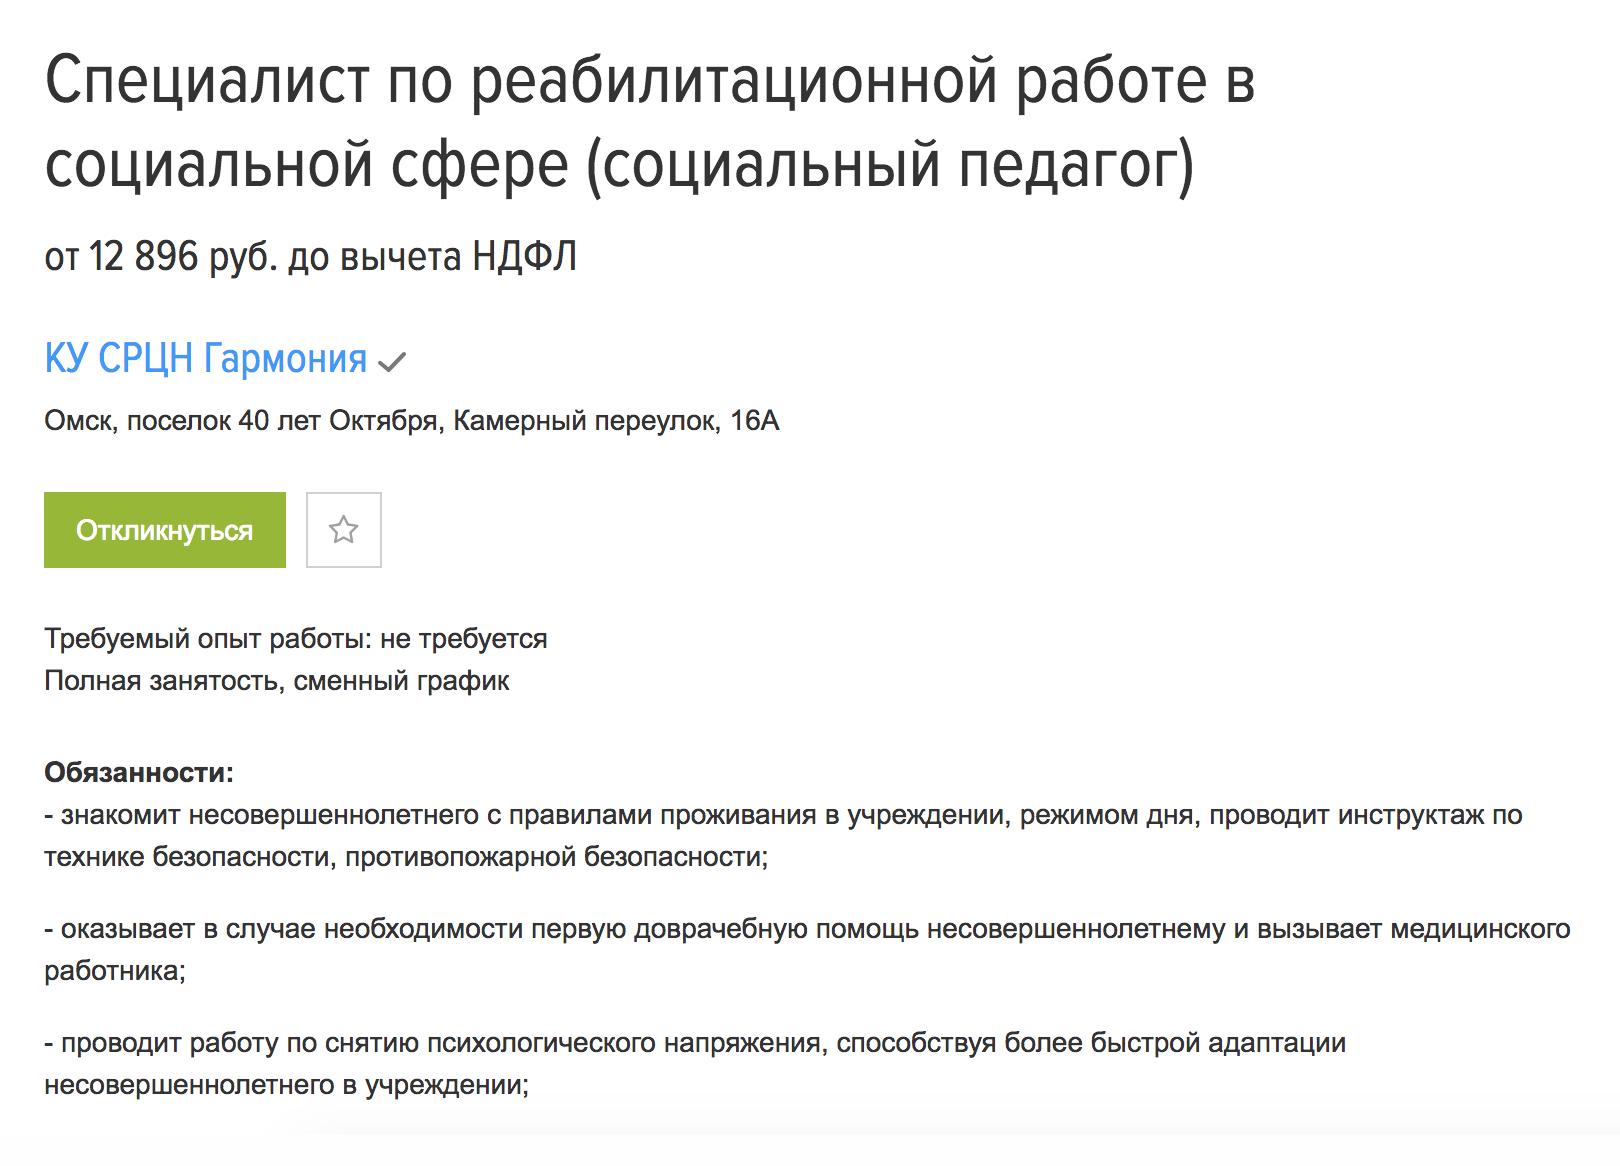 Моя компания сотрудничает с центром социального обеспечения населения. Его сотрудники получают на руки 12 000 рублей